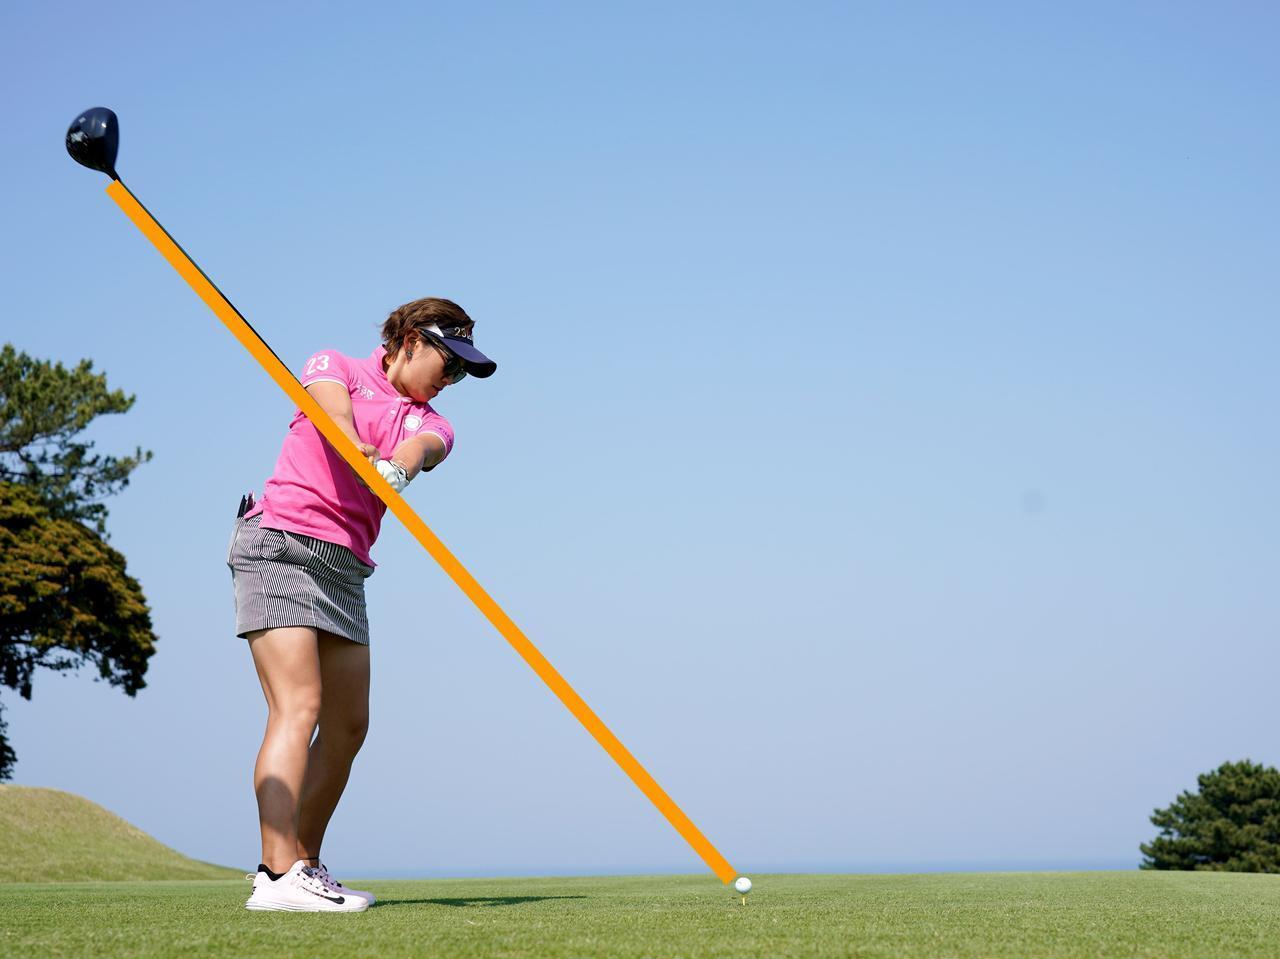 画像: シャフトの傾きがボールを指すシンプルなプレーン